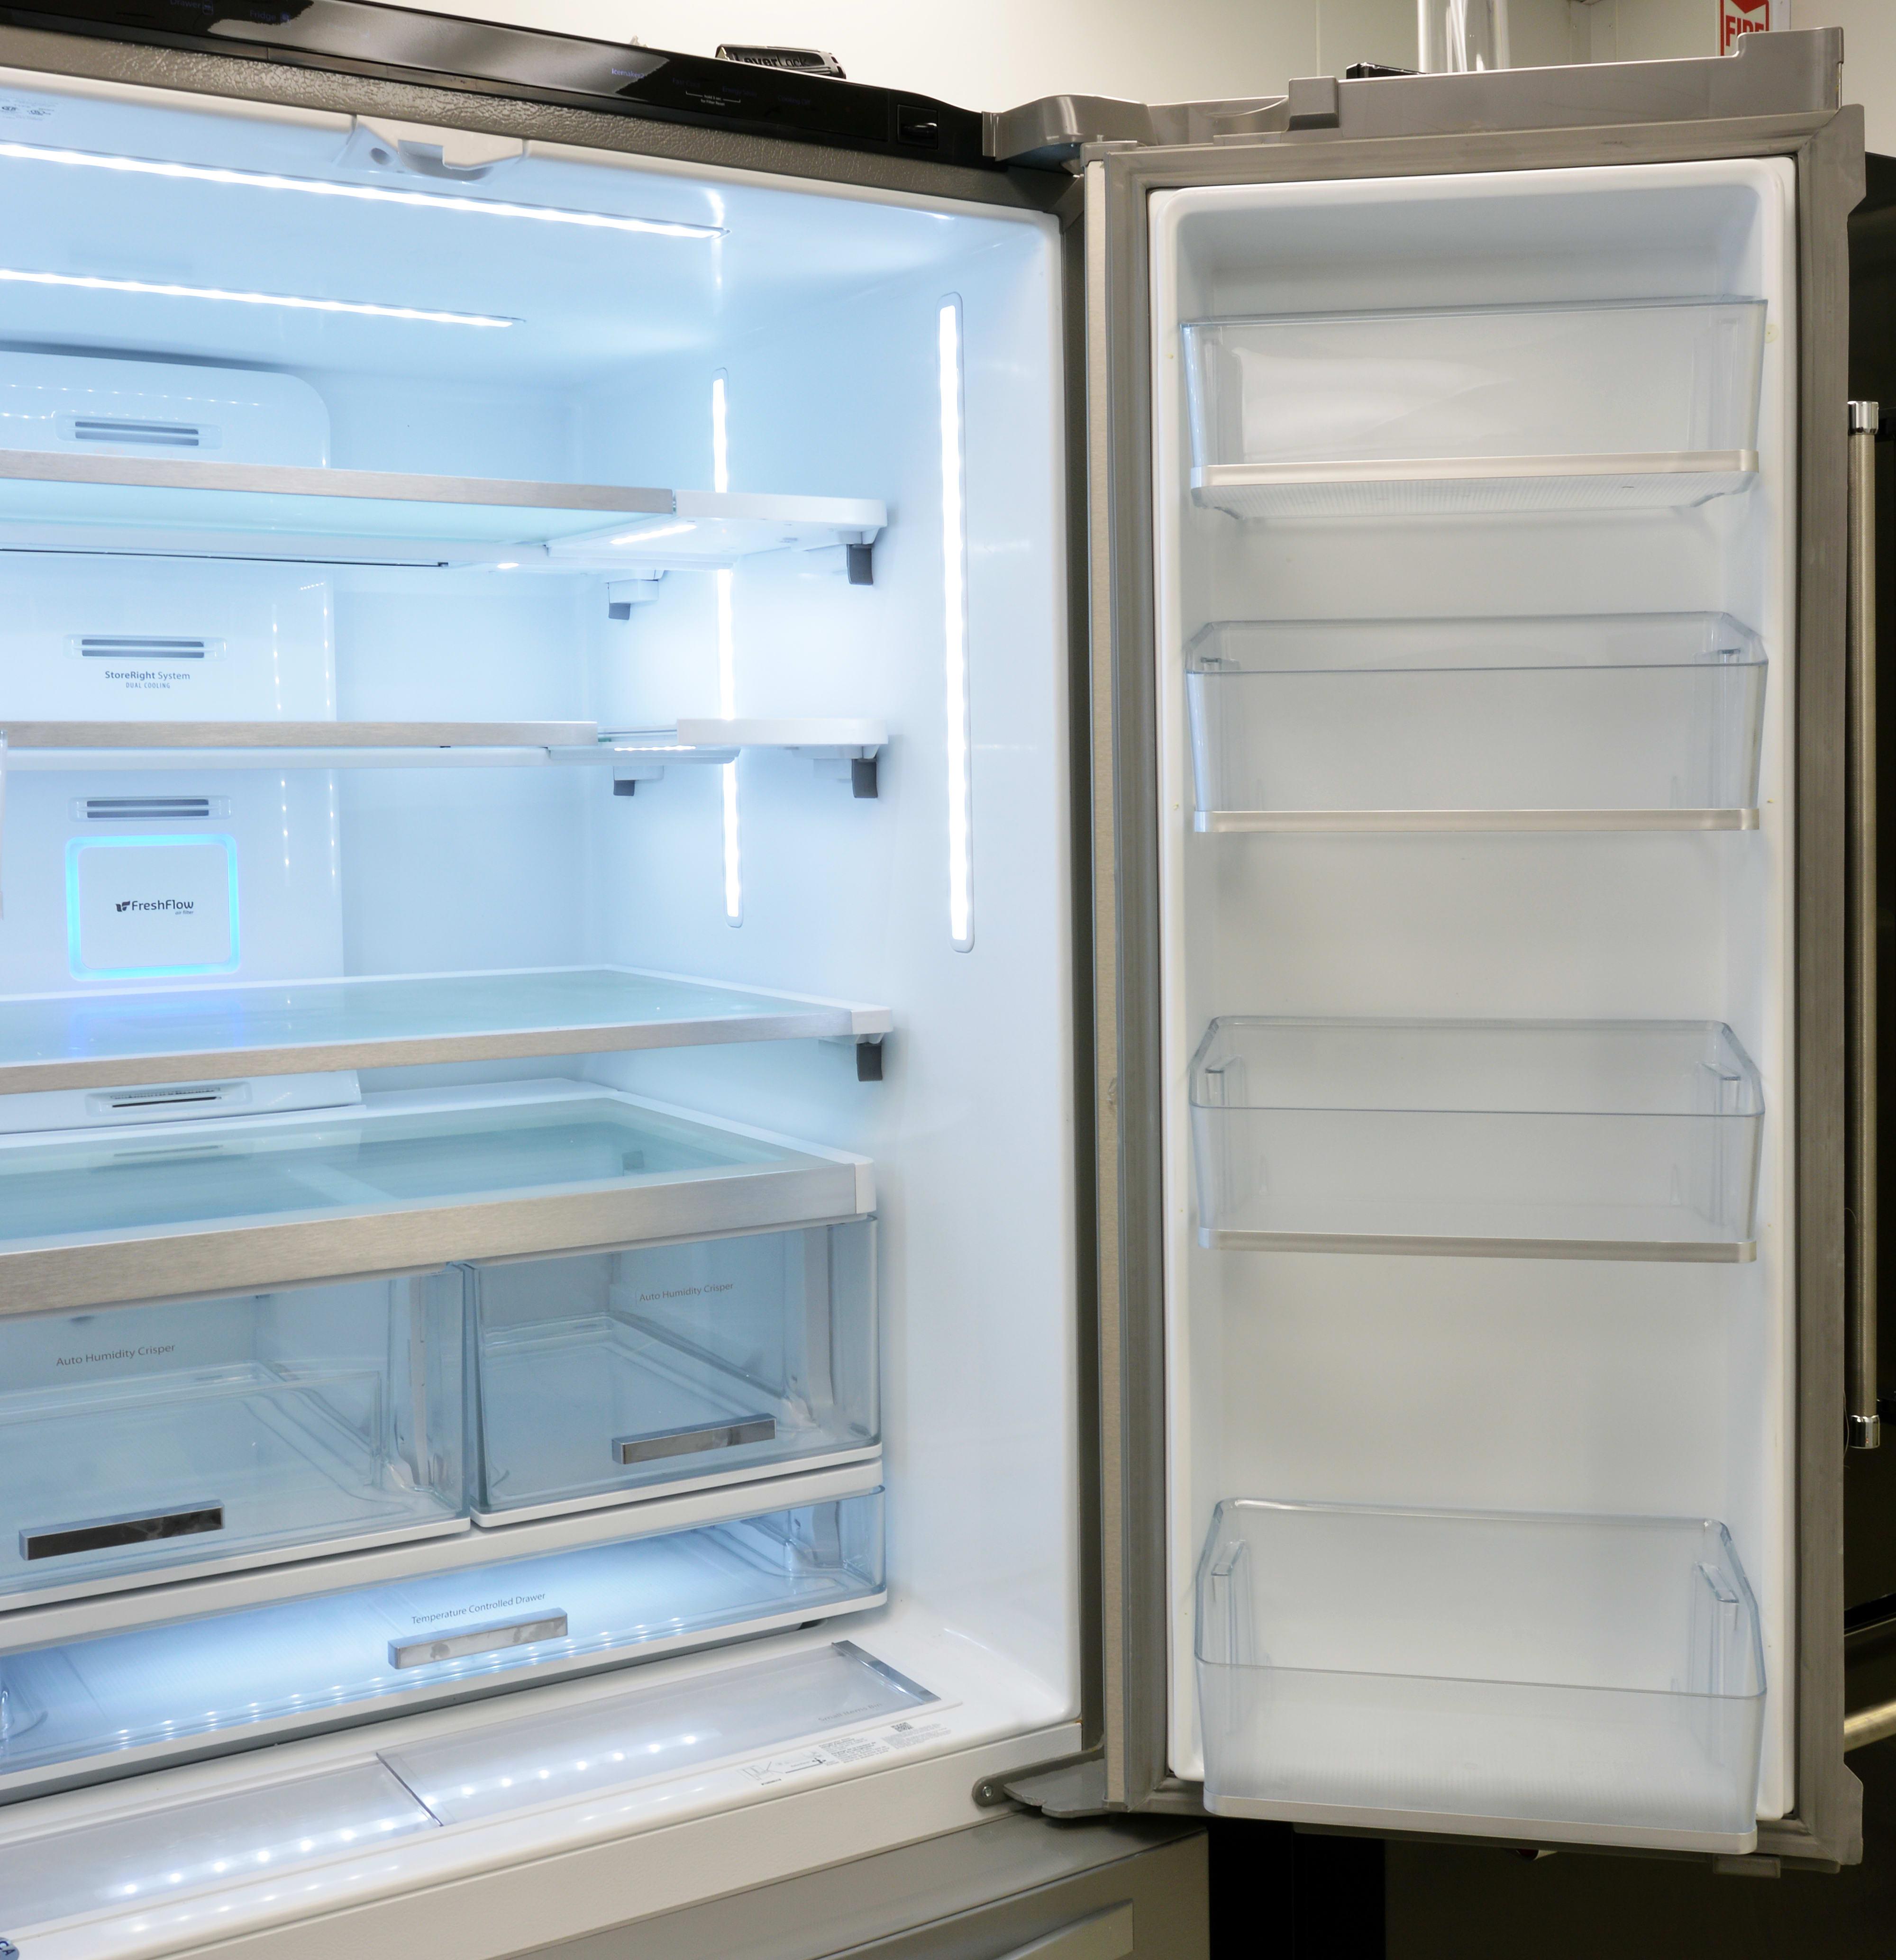 Whirlpool WRF995FIFZ Refrigerator Review - Reviewed.com Refrigerators